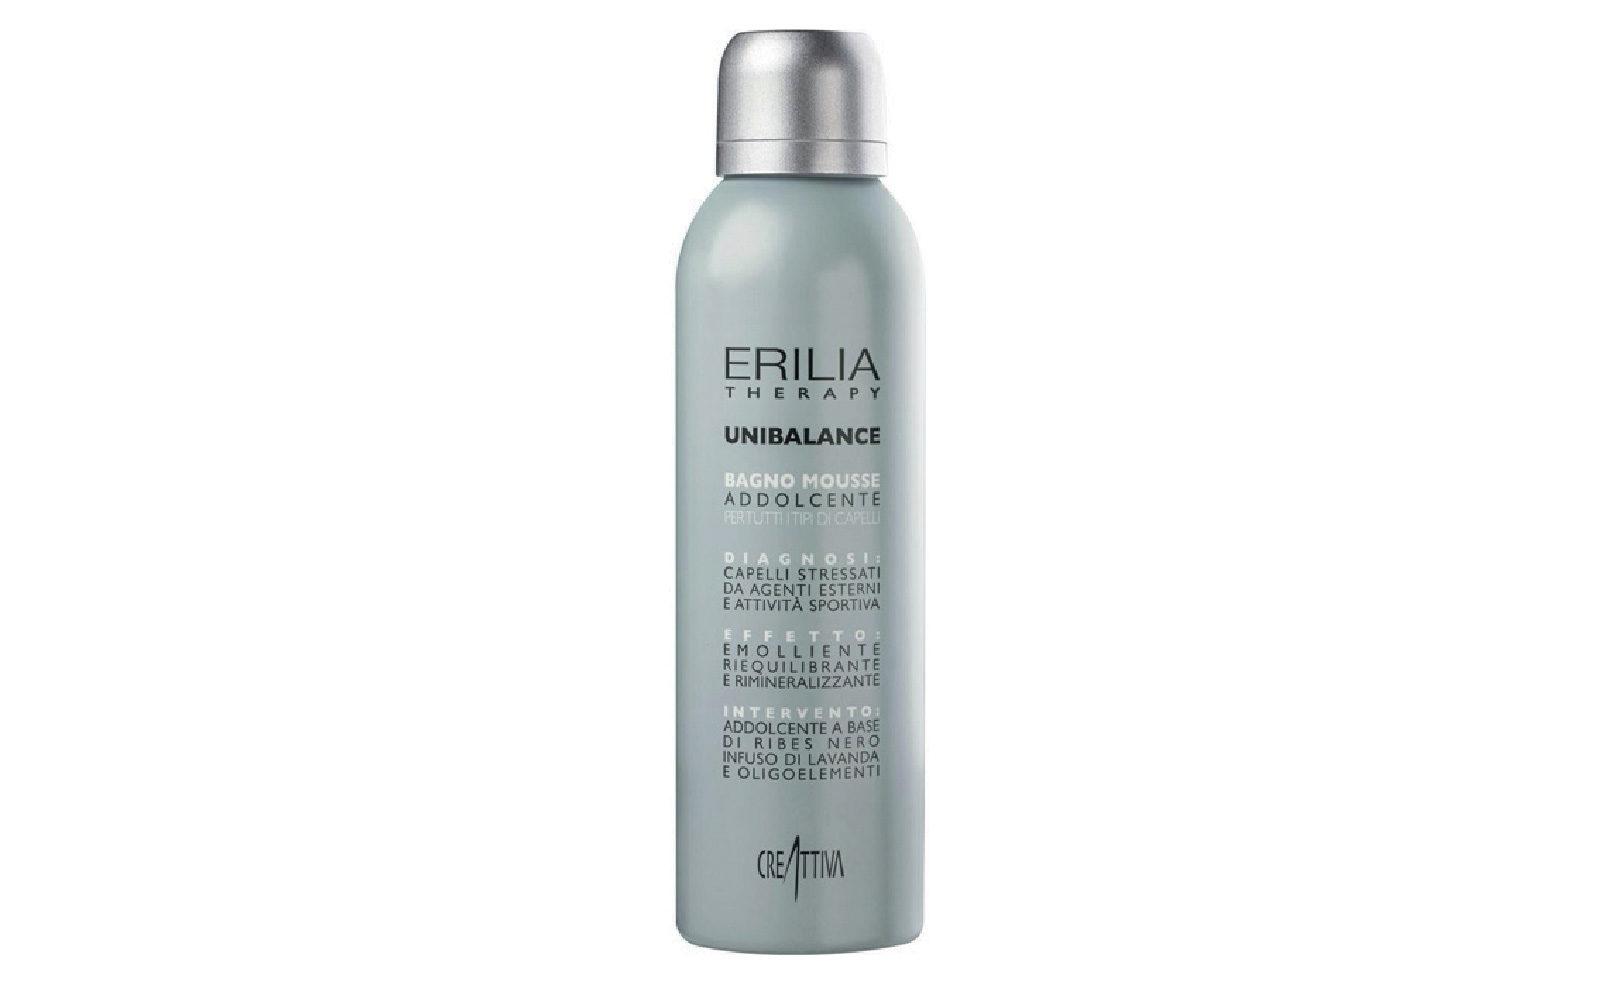 Erilia Therapy Unibalance Bagno Mousse Addolcente by Creattiva Professional è uno shampoo in mousse che contrasta gli effetti disidratanti di agenti esterni e attività sportiva (salone, 17 euro).